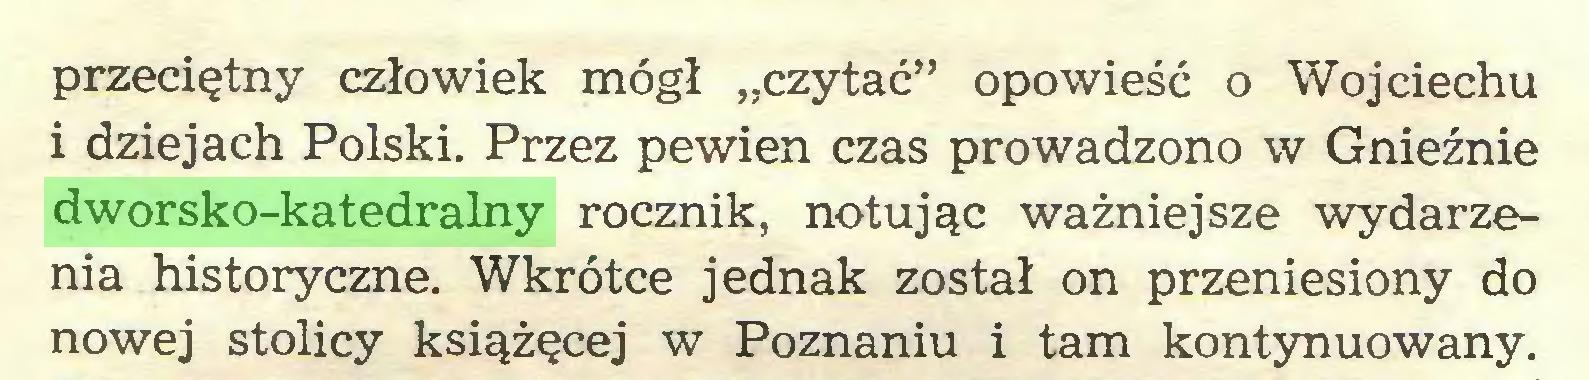 """(...) przeciętny człowiek mógł """"czytać"""" opowieść o Wojciechu i dziejach Polski. Przez pewien czas prowadzono w Gnieźnie dworsko-katedralny rocznik, notując ważniejsze wydarzenia historyczne. Wkrótce jednak został on przeniesiony do nowej stolicy książęcej w Poznaniu i tam kontynuowany..."""